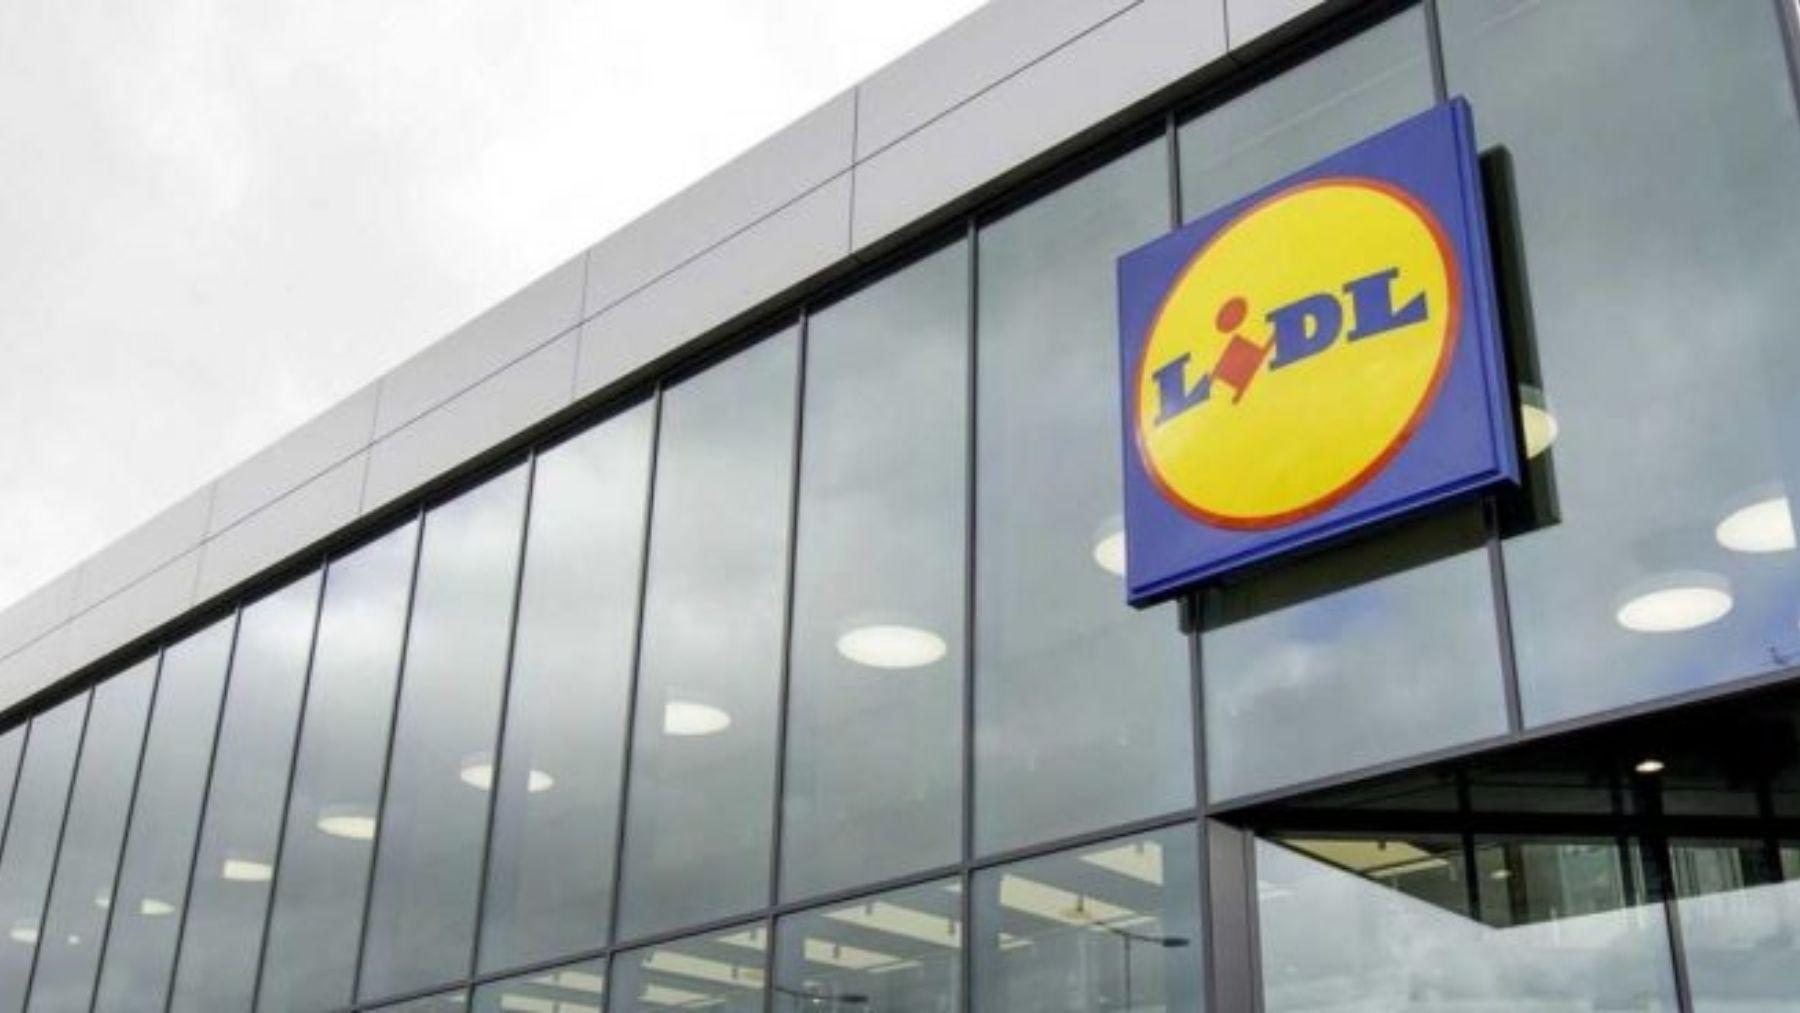 Un nuevo producto Lidl que arrasa en ventas